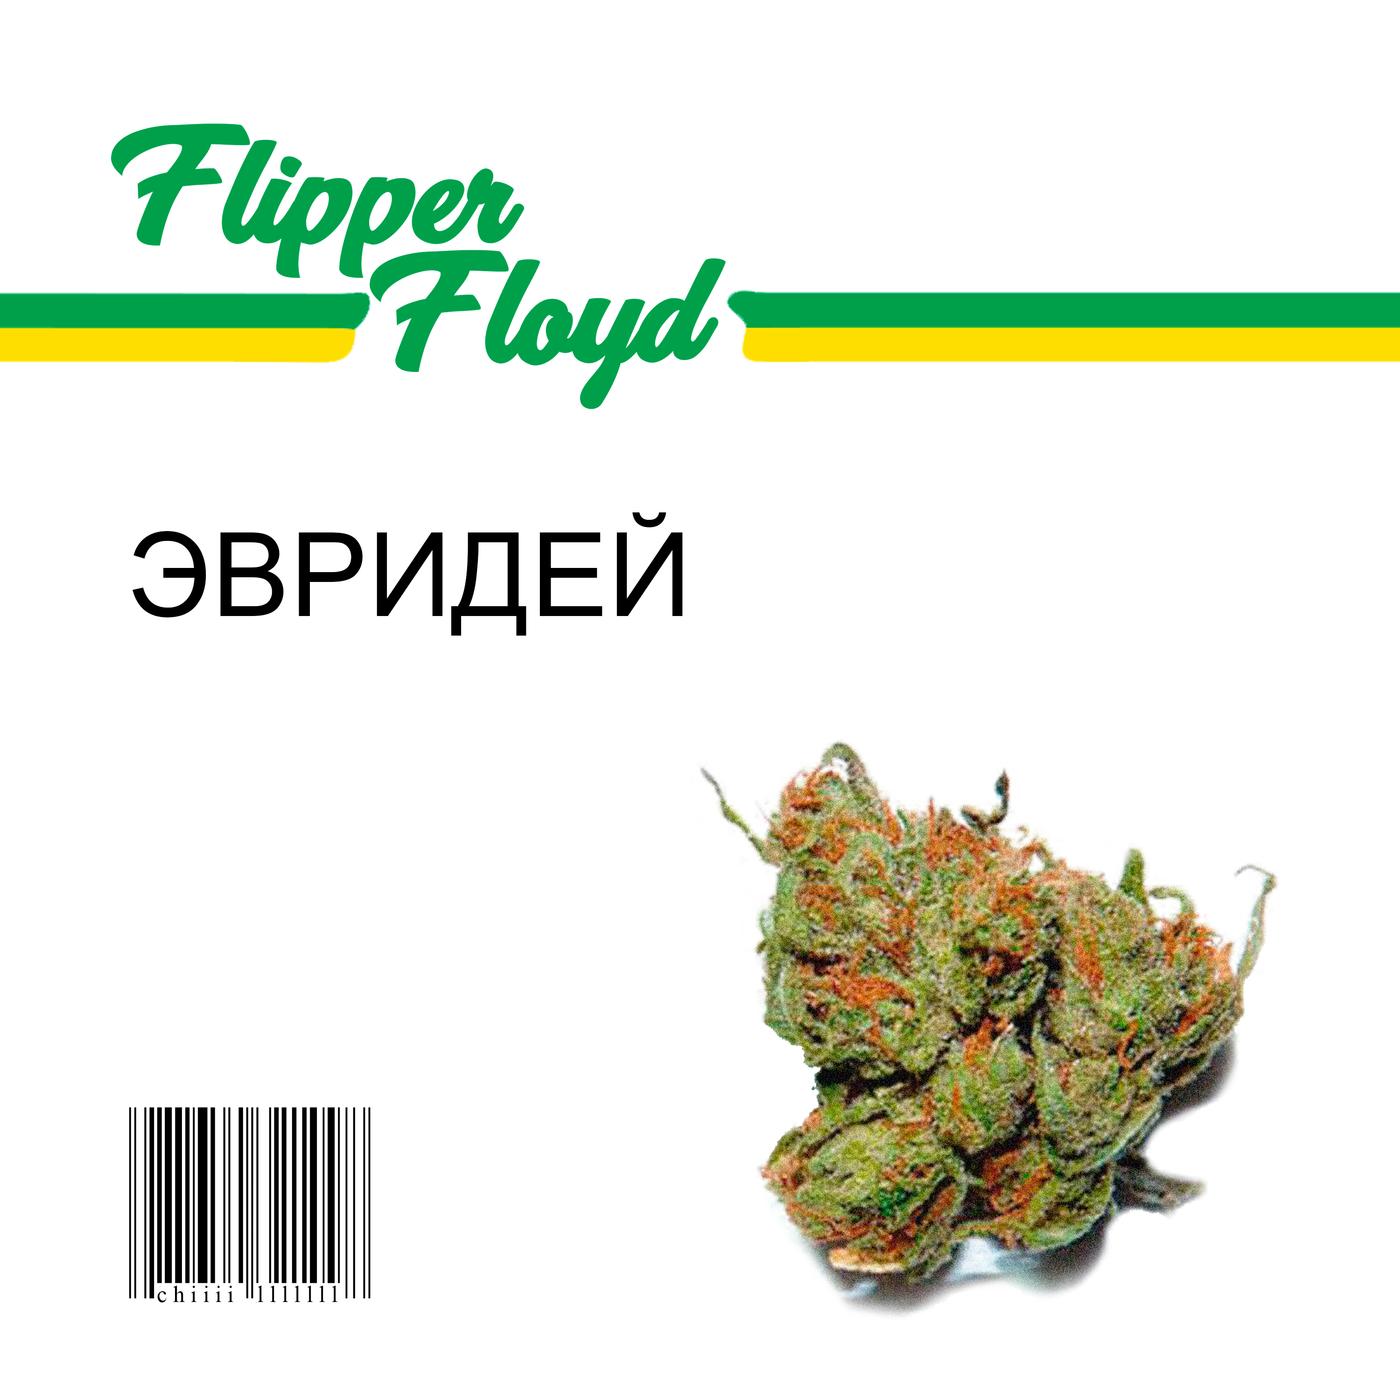 EVRIDEY - Flipper Floyd